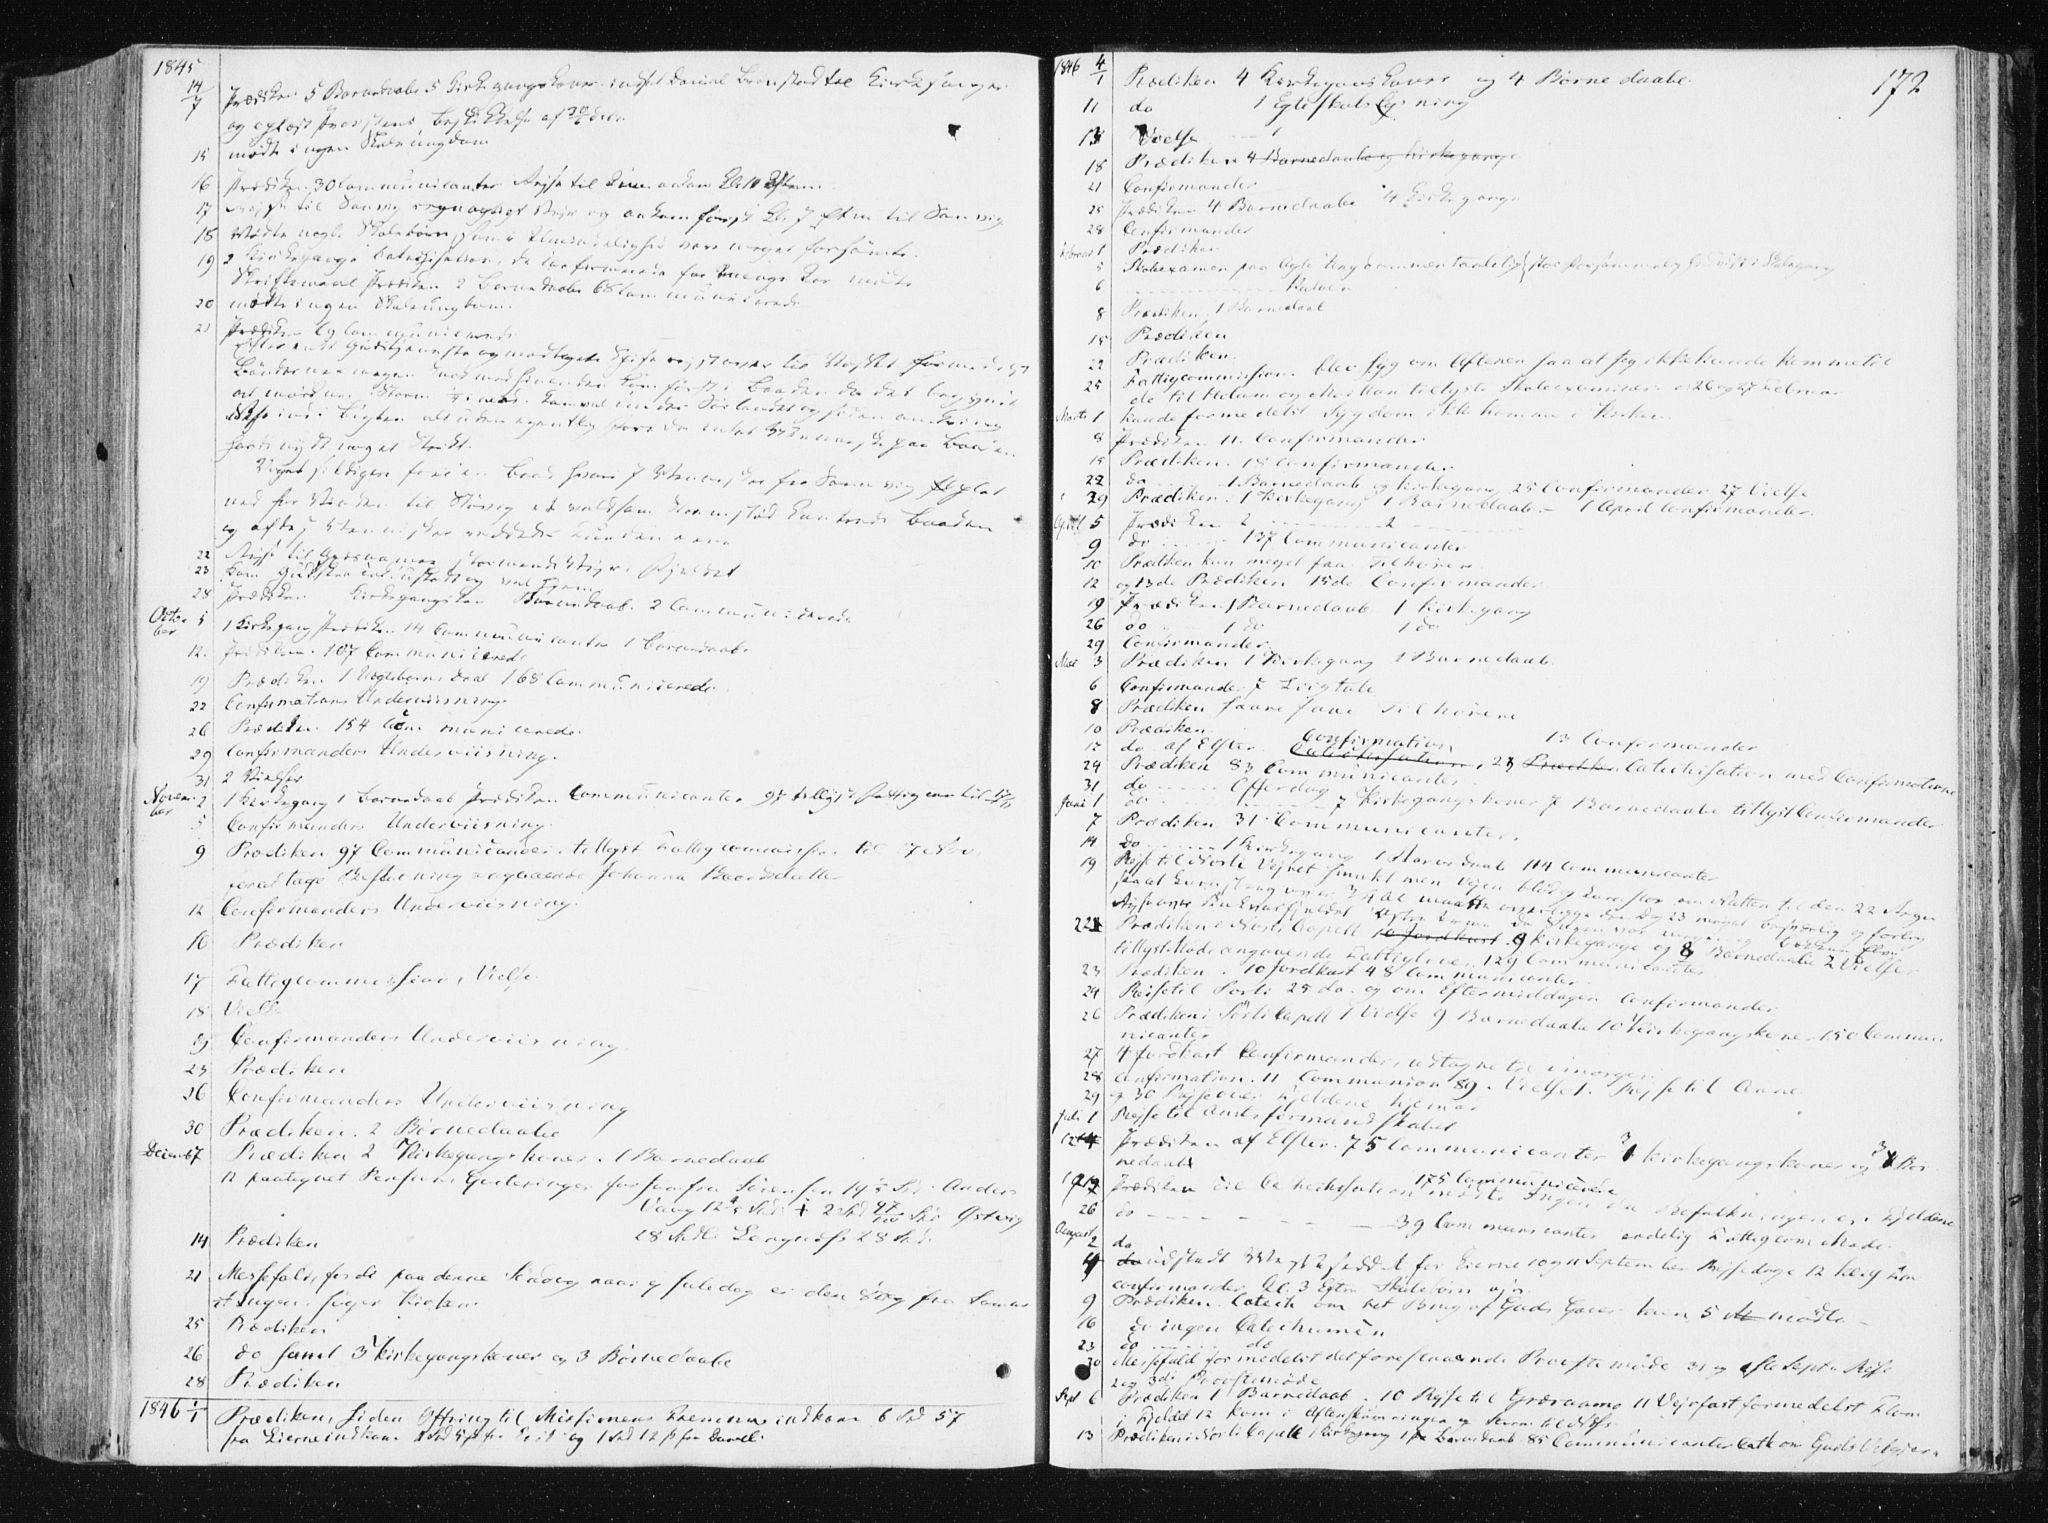 SAT, Ministerialprotokoller, klokkerbøker og fødselsregistre - Nord-Trøndelag, 749/L0470: Ministerialbok nr. 749A04, 1834-1853, s. 172